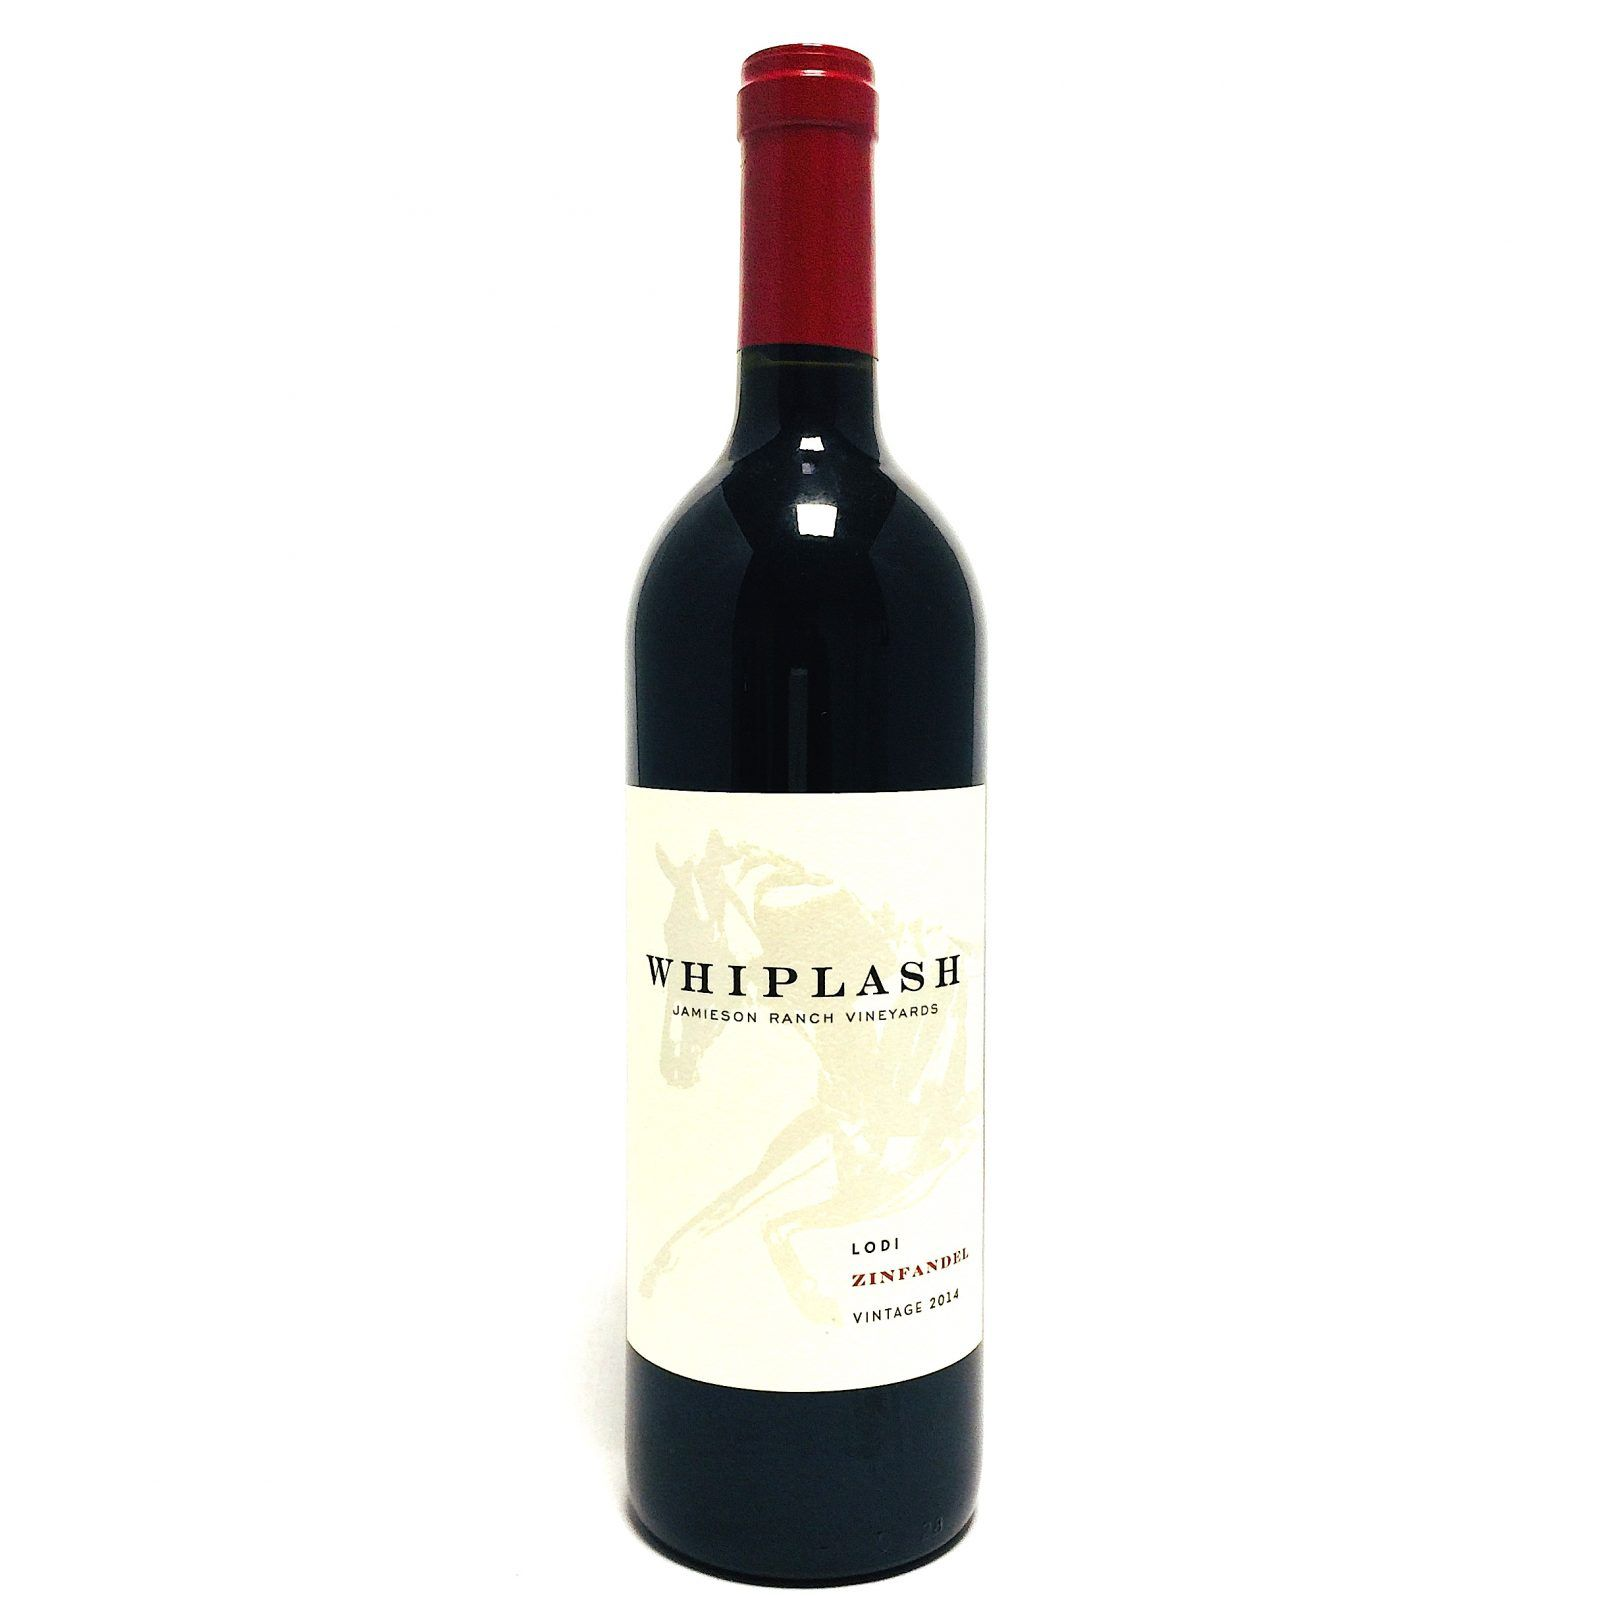 Jamieson Ranch Whiplash Zinfandel 2014 Californie Napa Valley Wijn van ons